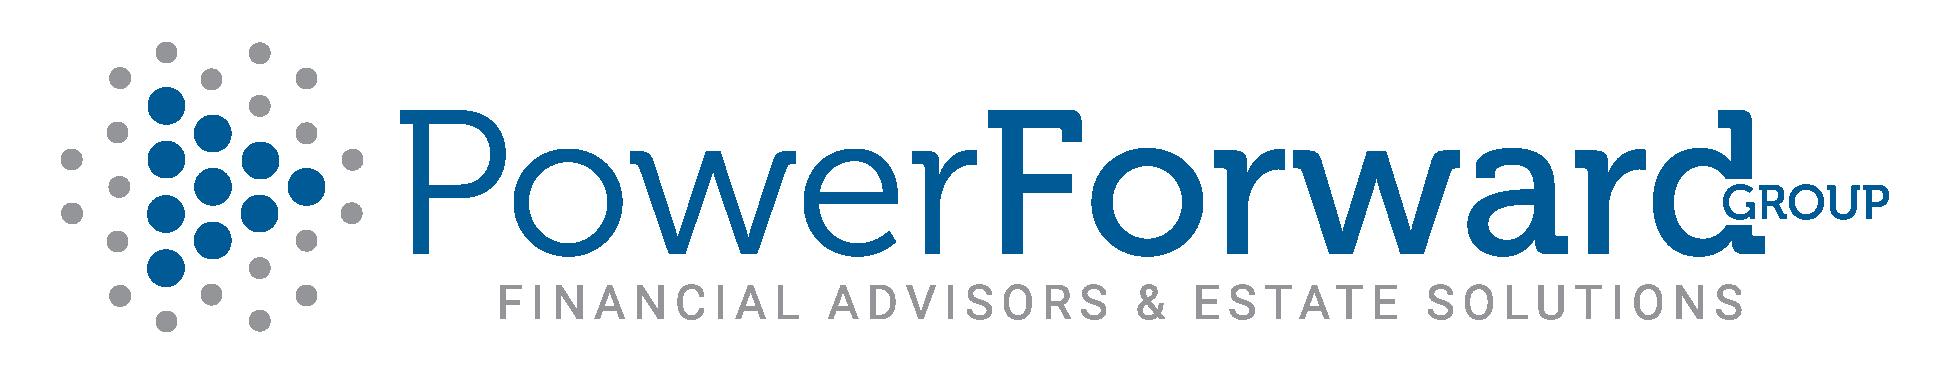 Logo for Power Forward Group